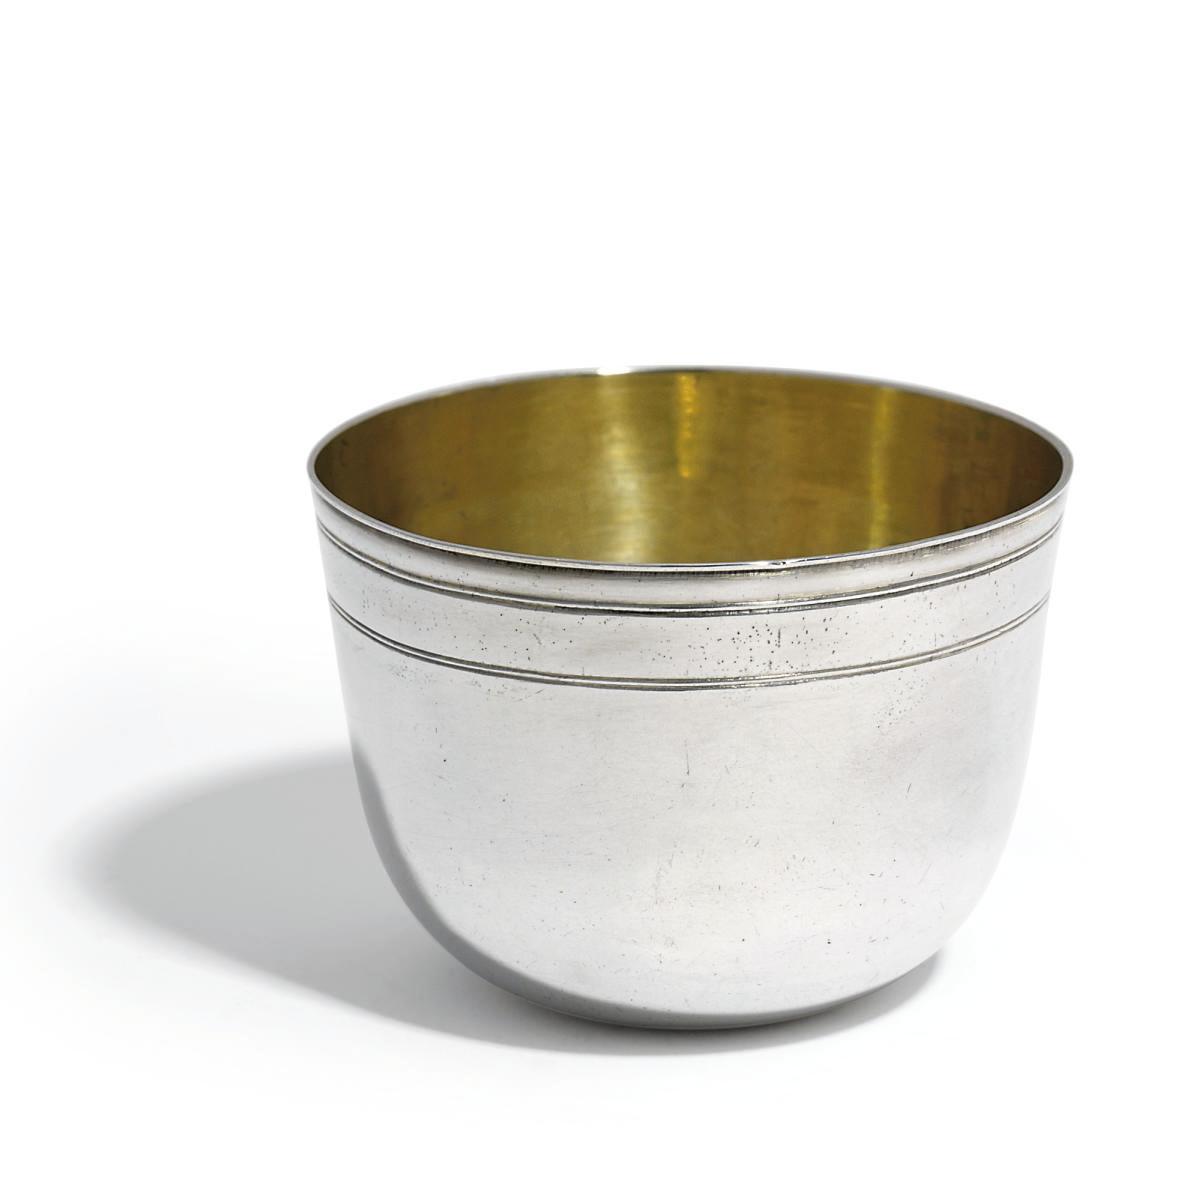 AN AUSTRIAN SILVER TUMBLER-CUP